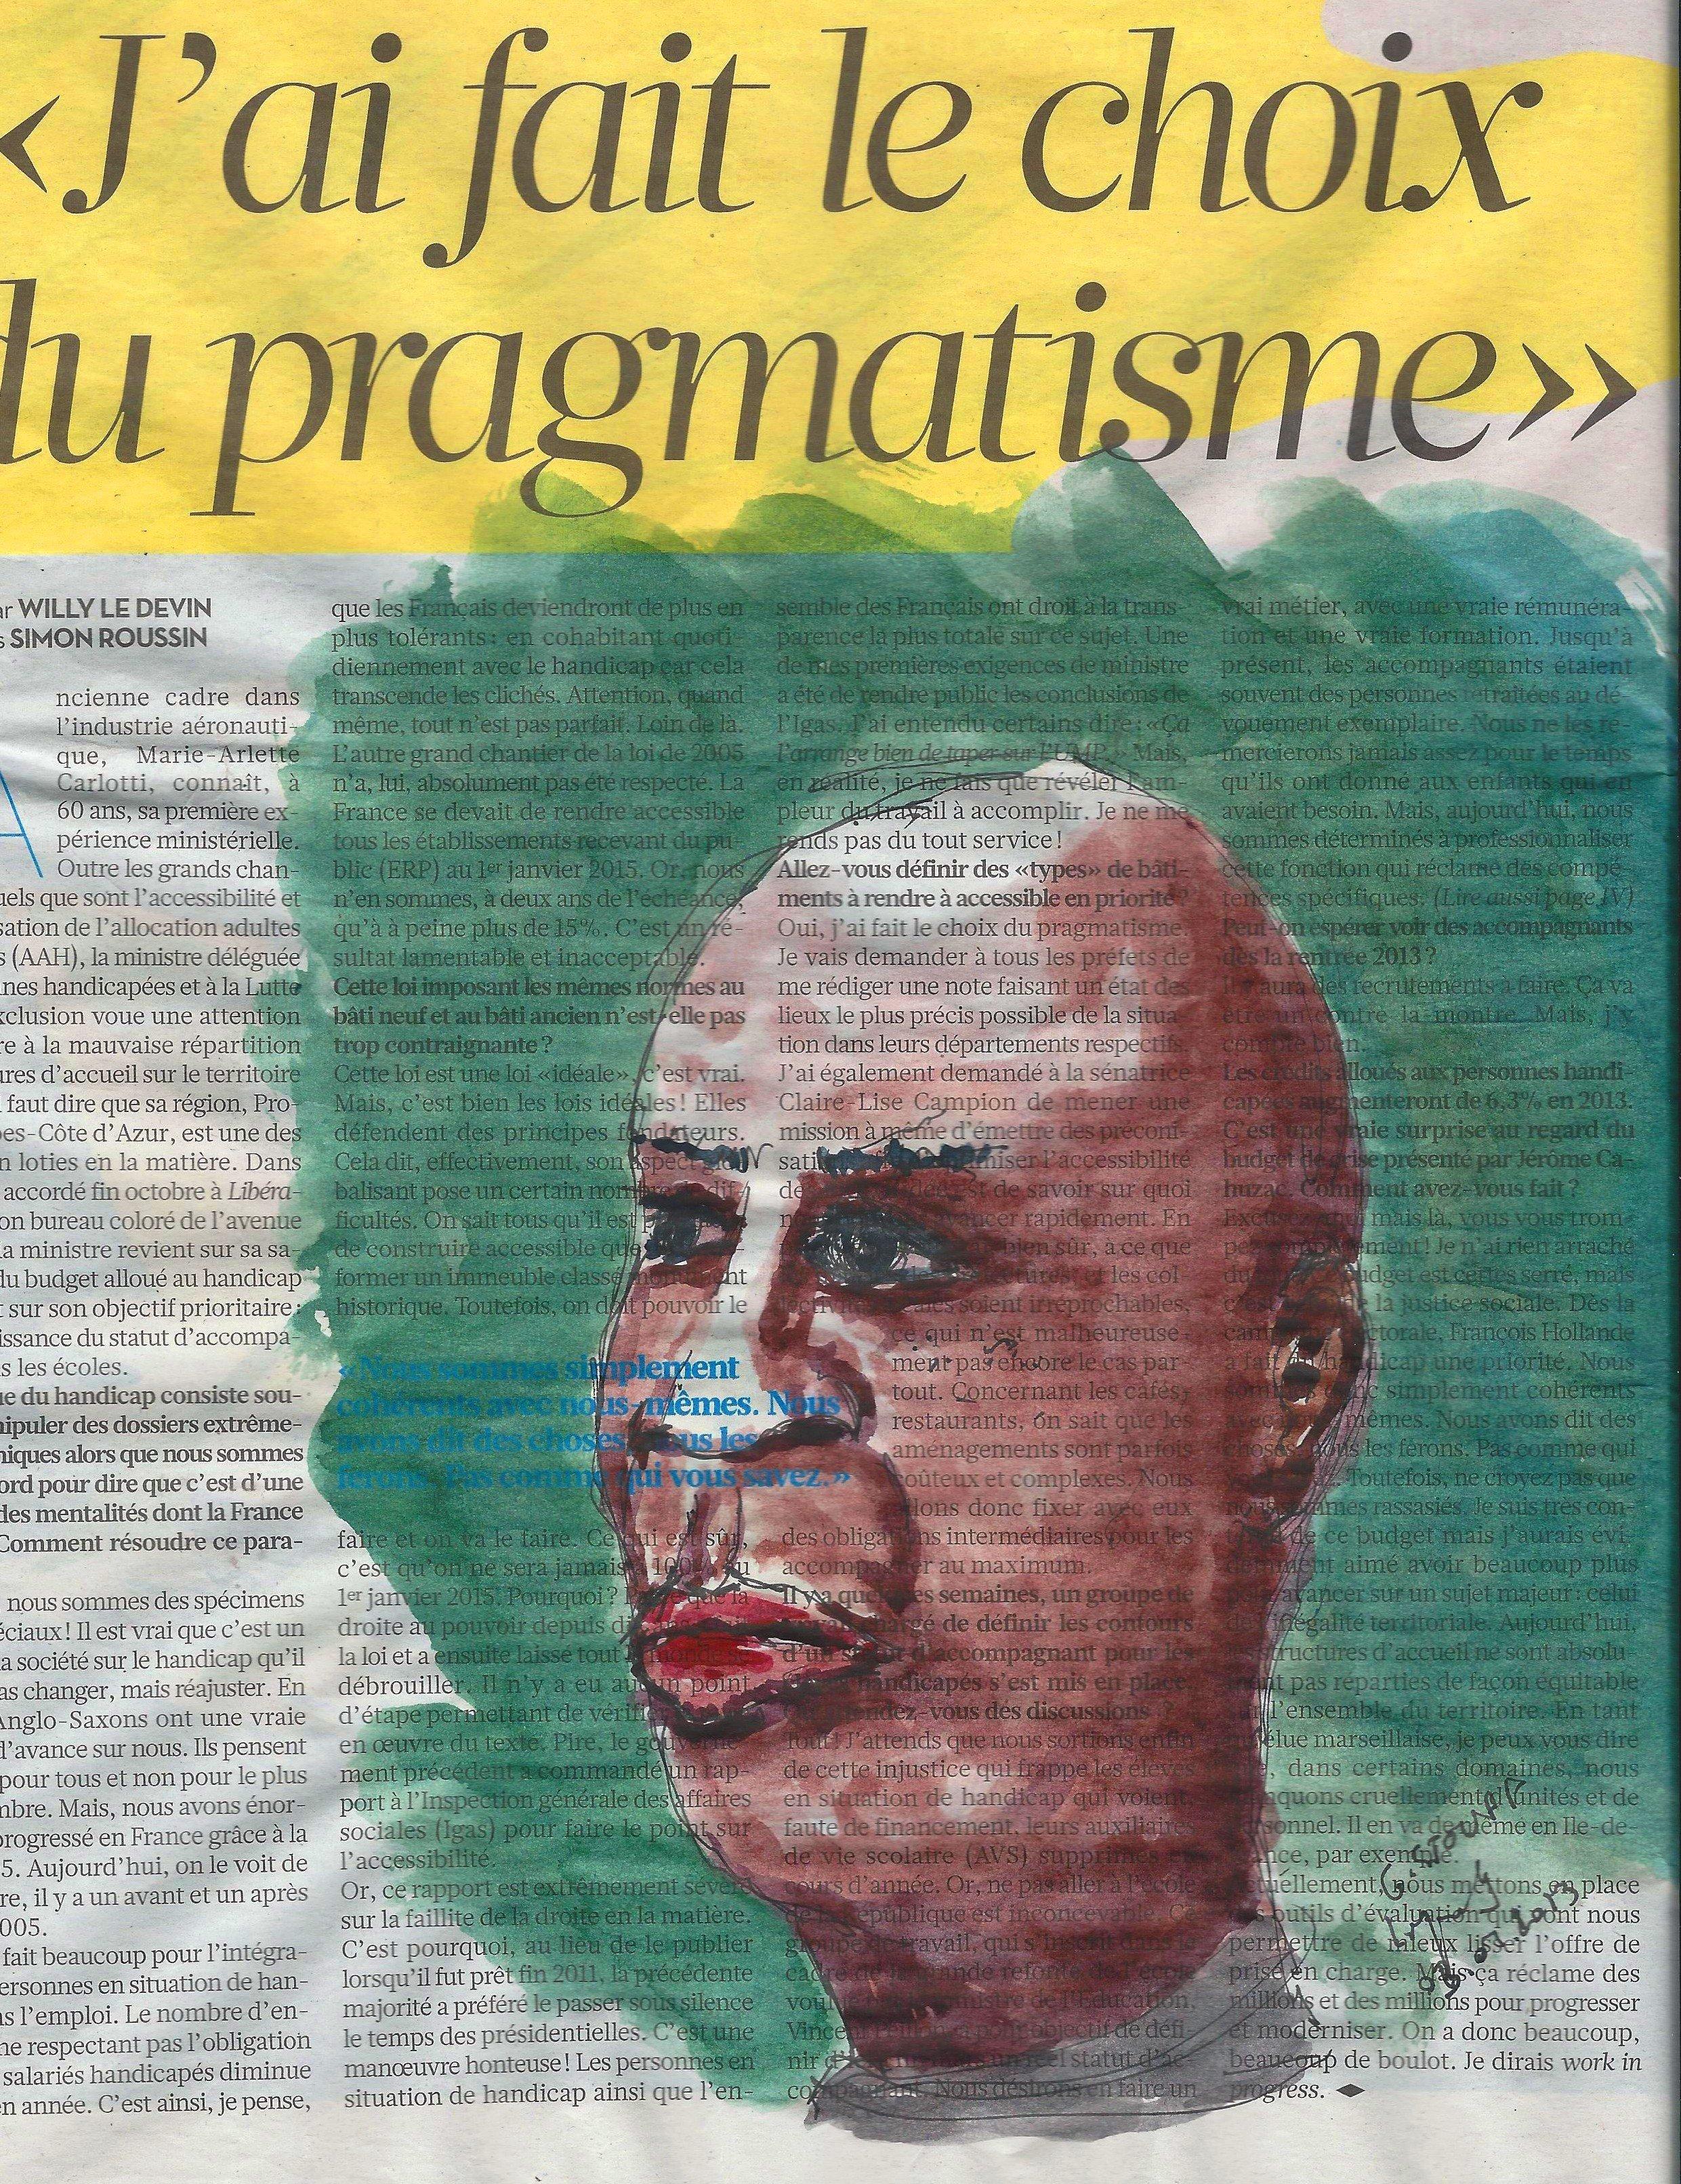 Libération du 13 novembre 2012 - page II - Dessin dans le métro dans Dessin - Aquarelle metro-230004